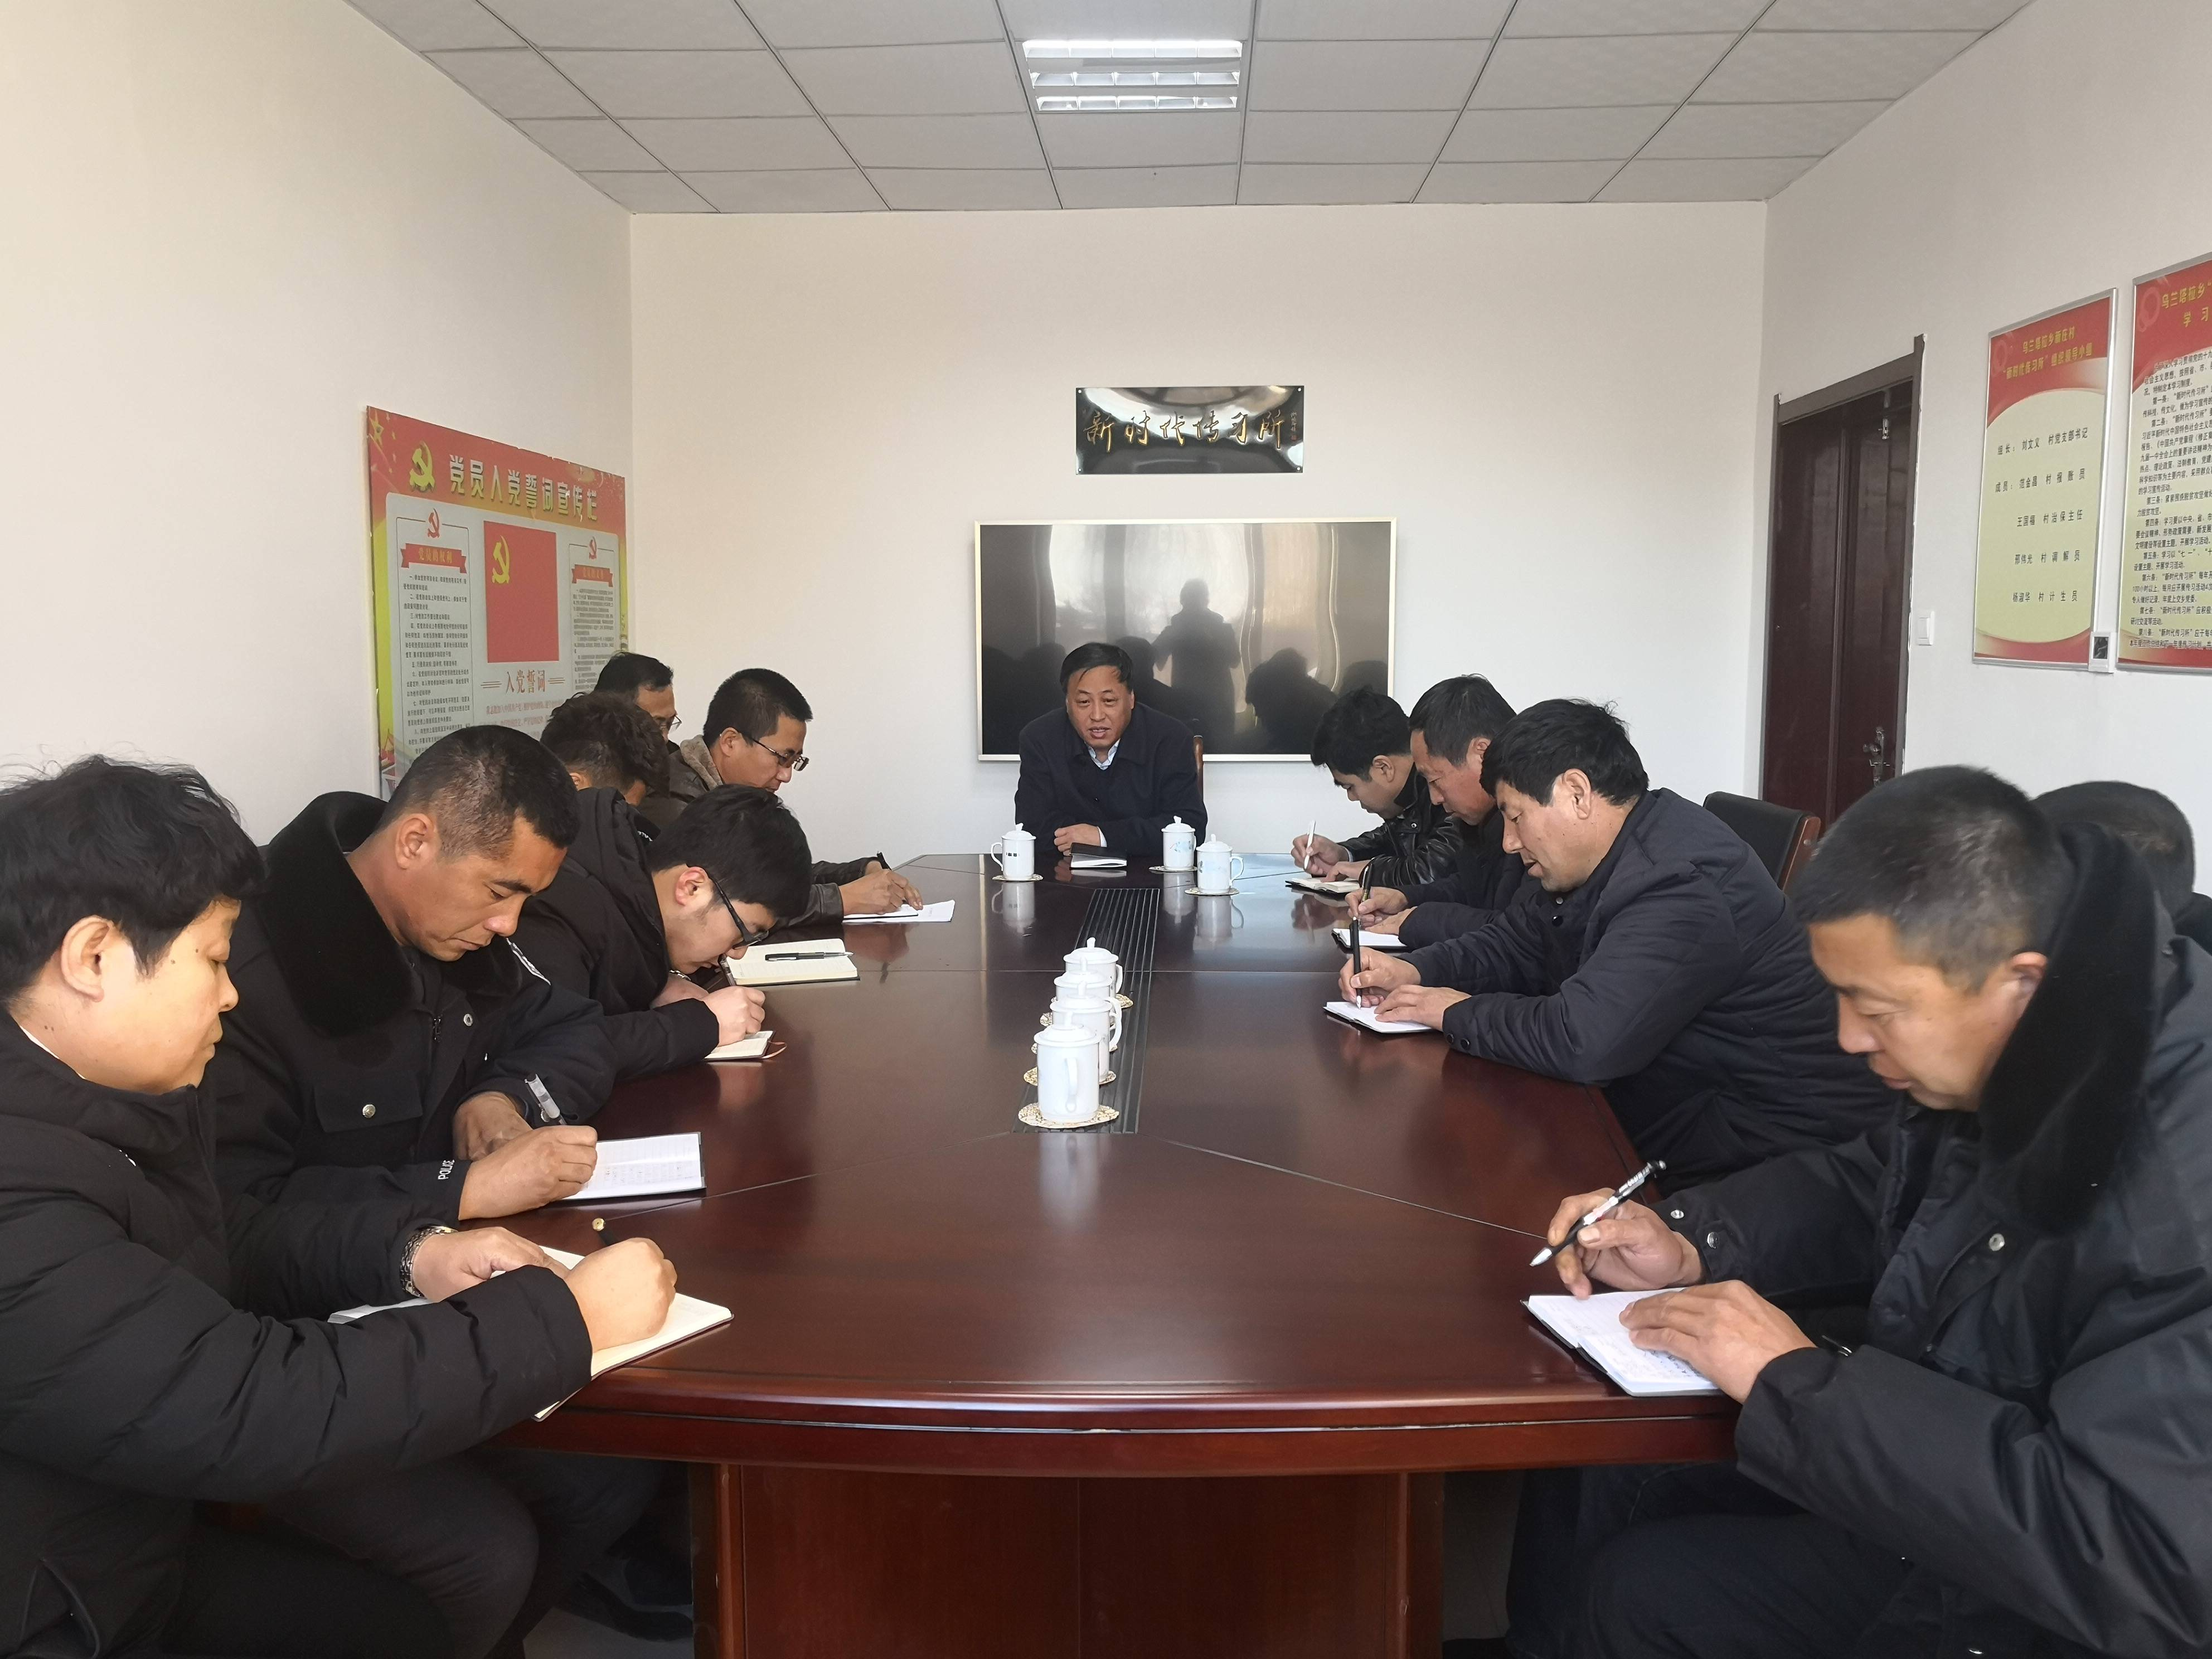 县委常委、县政府常务副县长孟祥和到乌兰塔拉乡新庄村指导软弱涣散党组织整顿工作